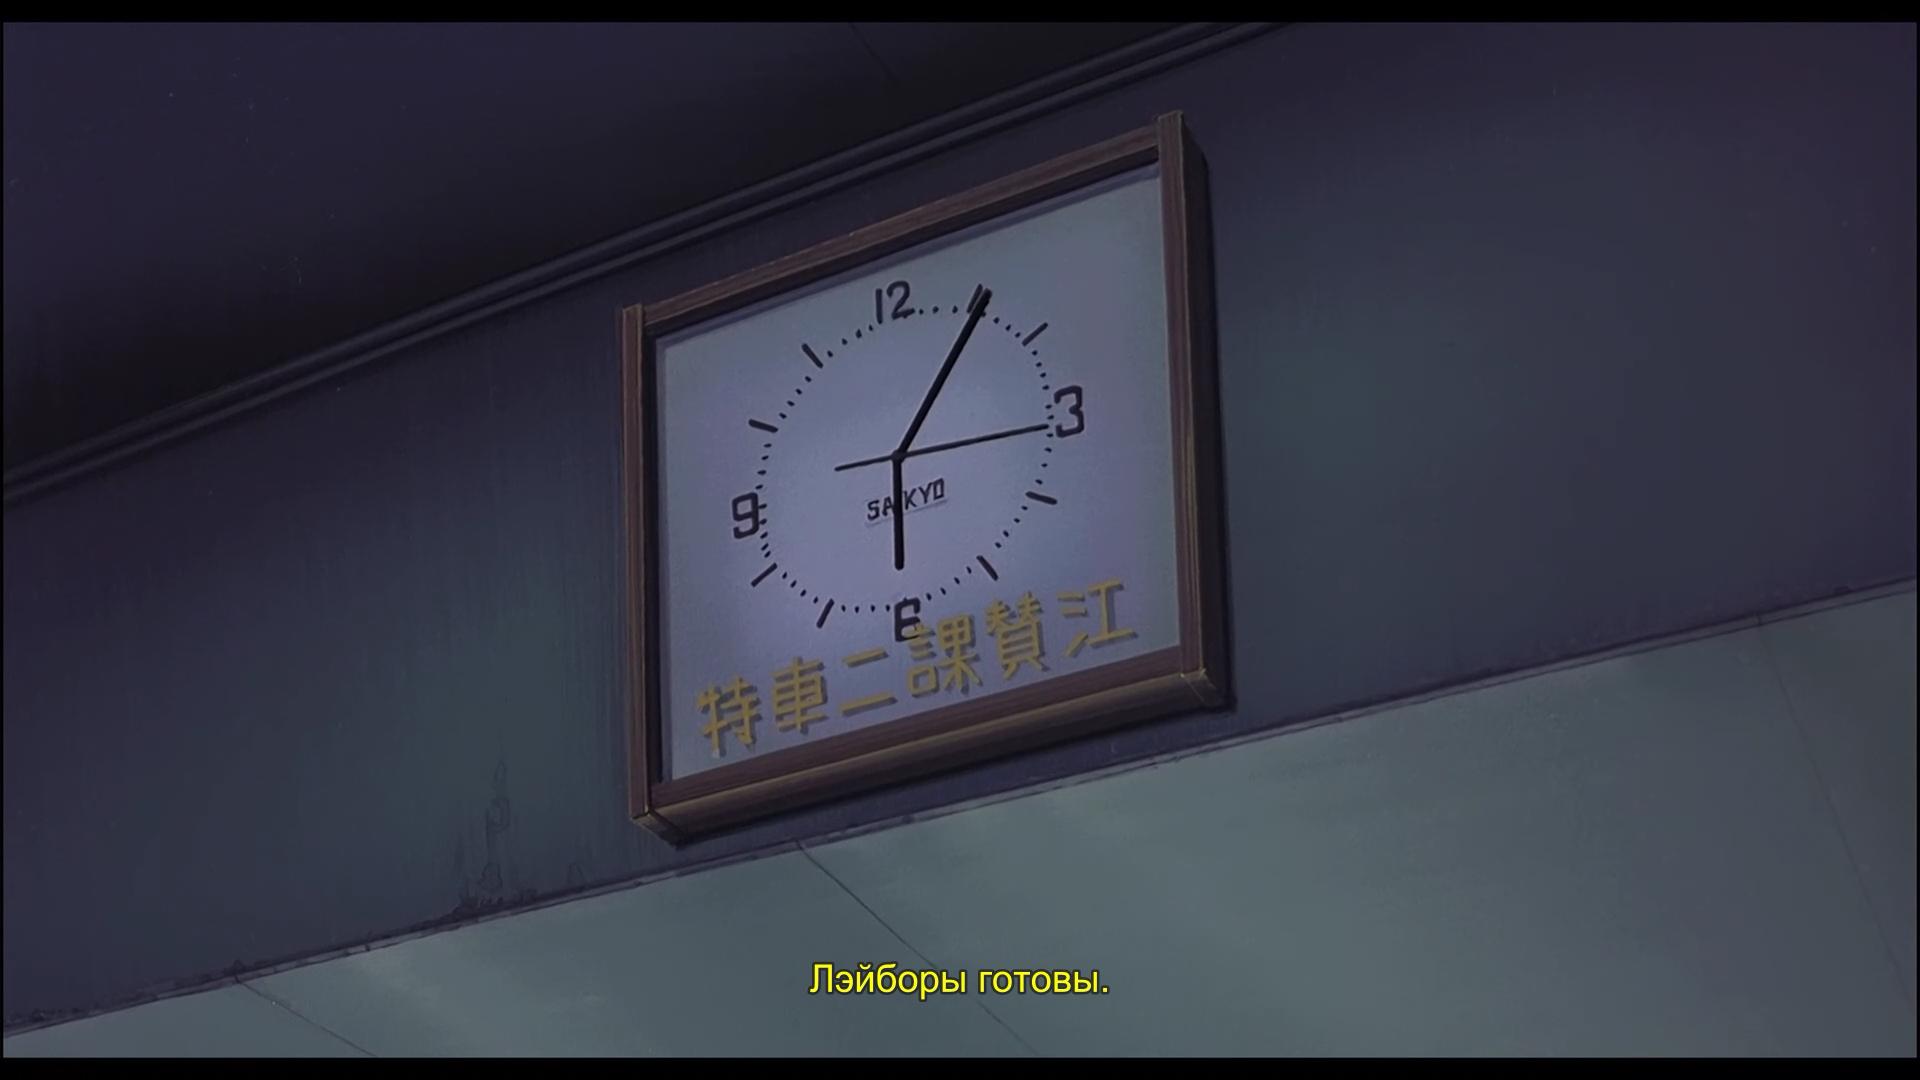 http://images.vfl.ru/ii/1511515377/a55da4b4/19549327.jpg